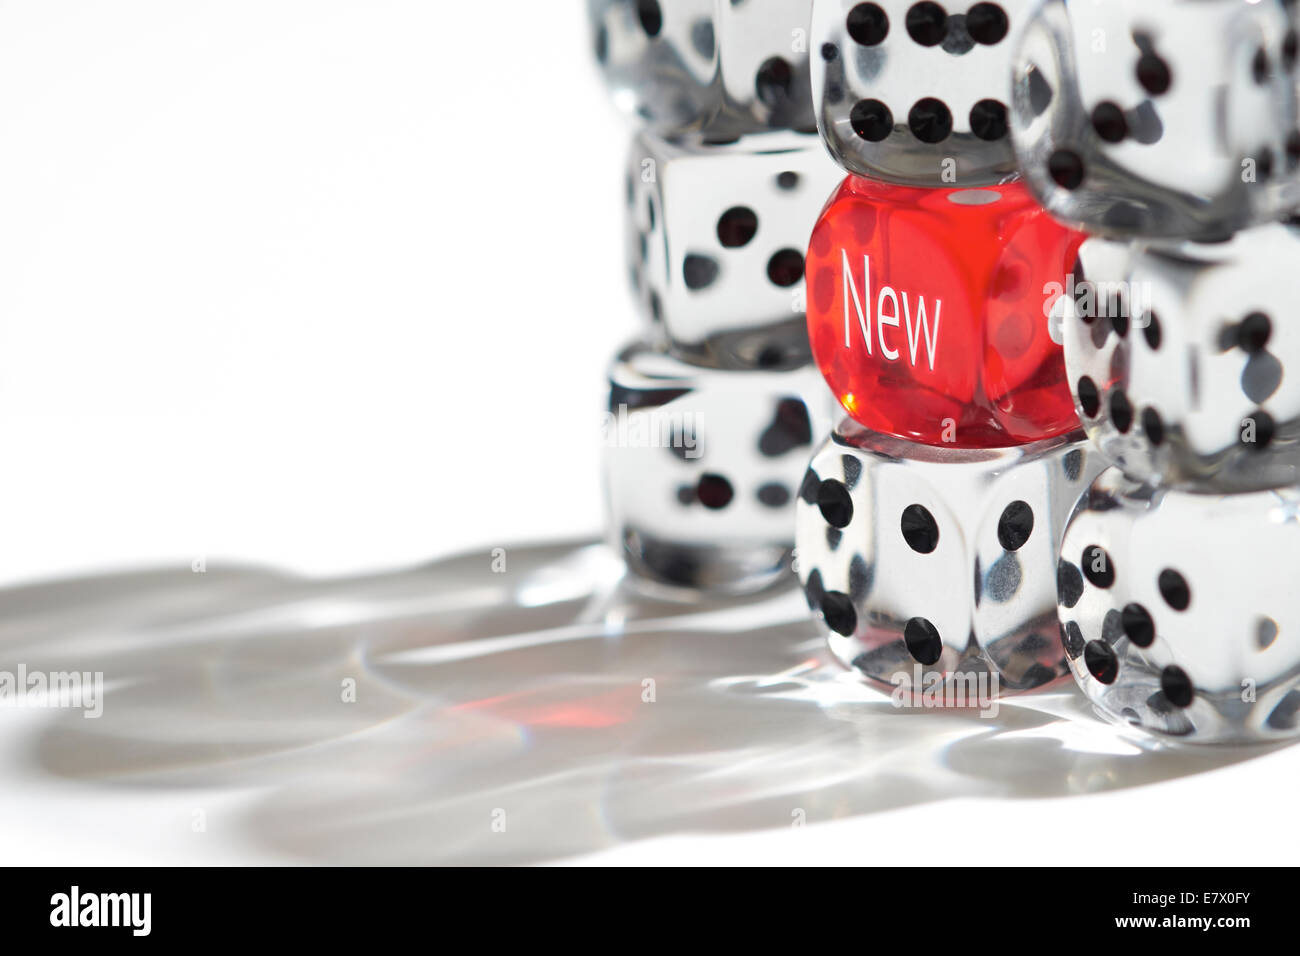 Red Dice se démarquer de la foule, nouveau concept. Photo Stock